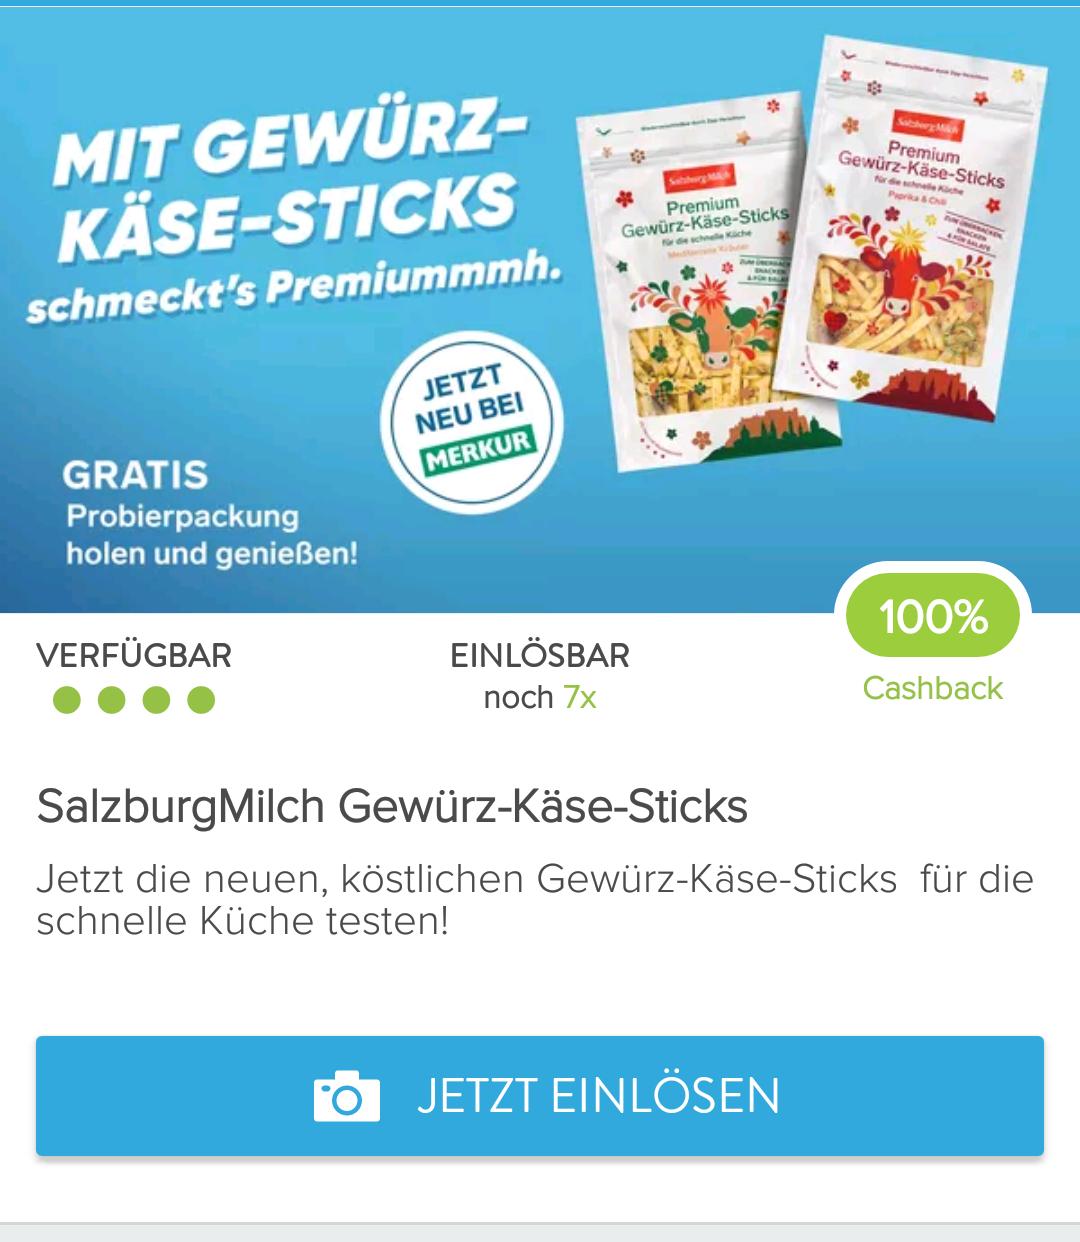 gratis: 7 Packungen SalzburgMilch Gewürz-Käse-Sticks pro Marktguru-Account